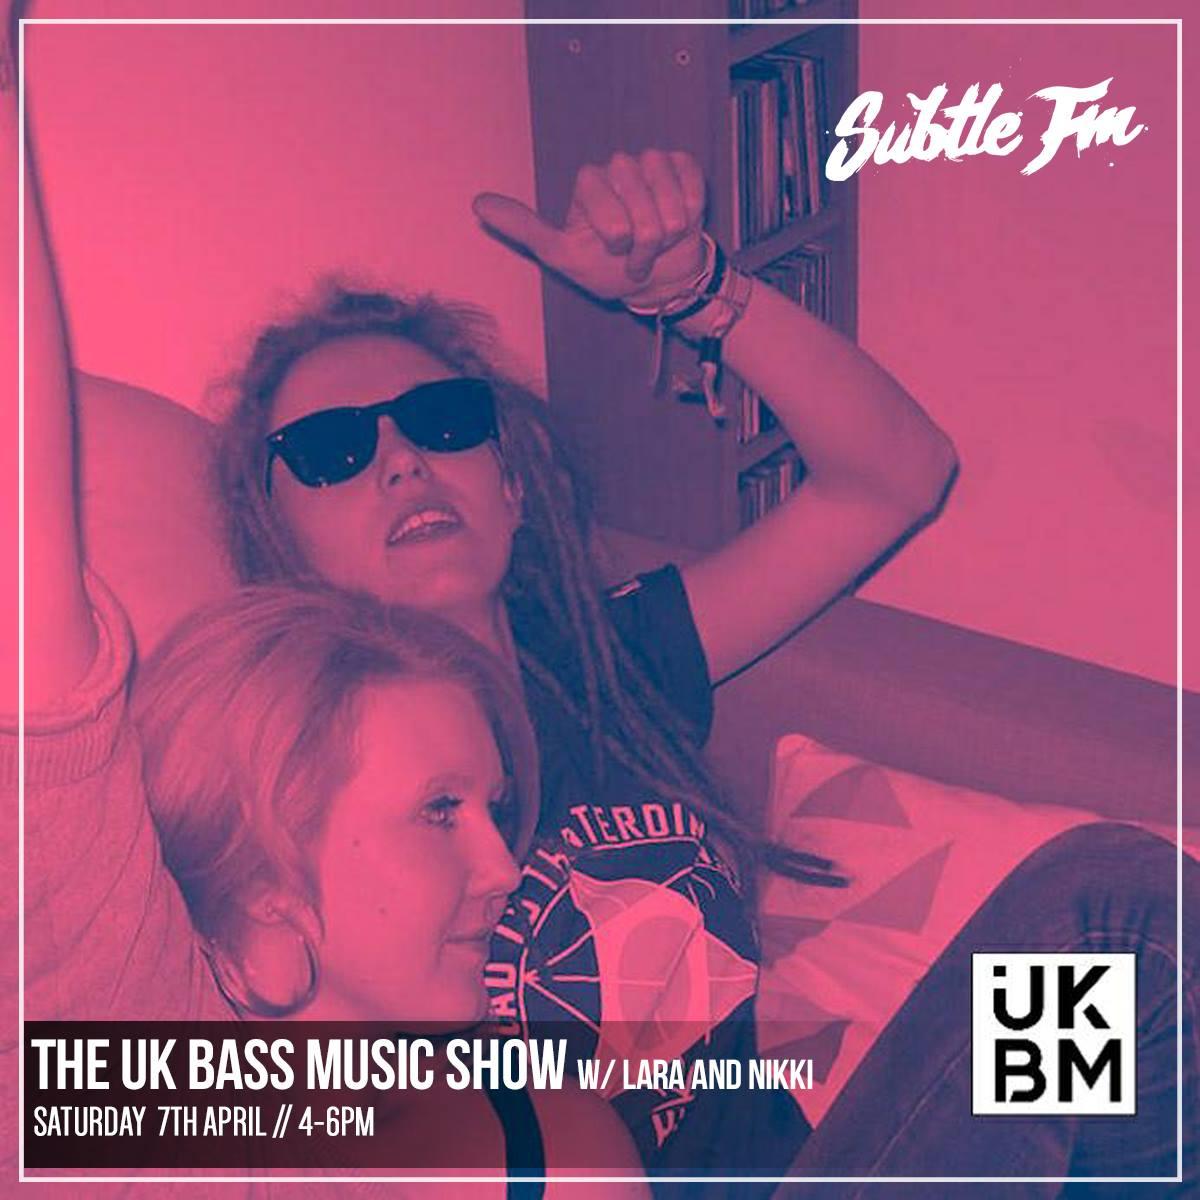 UKBM Show Subtle FM 7th April